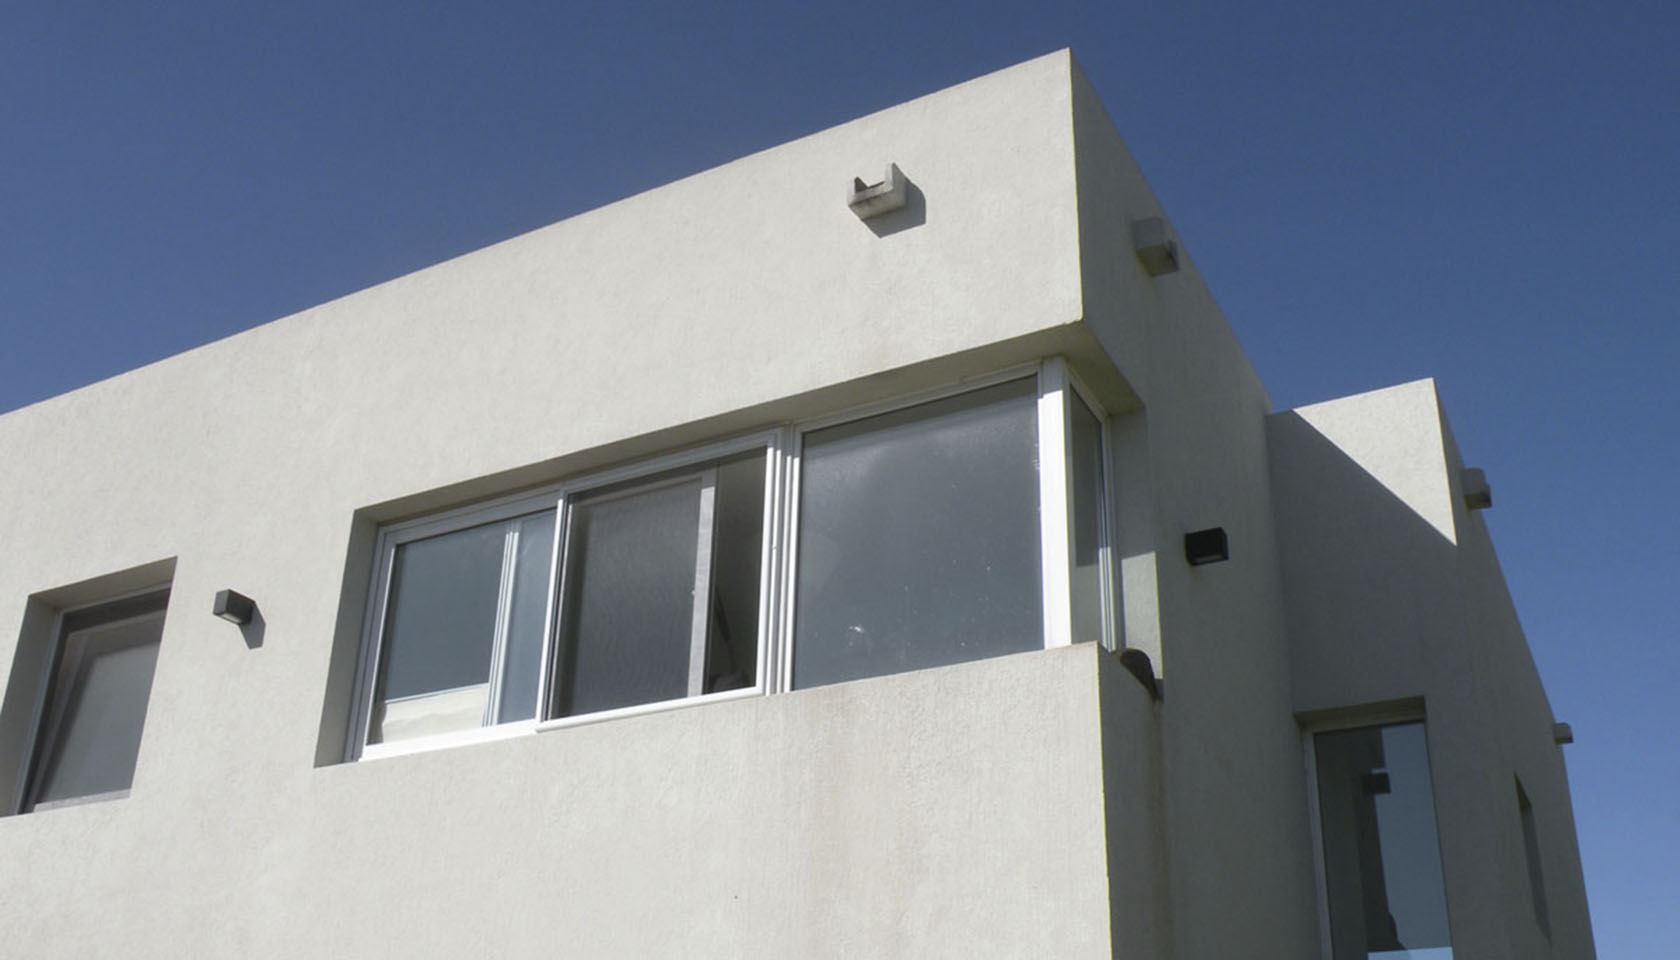 fachadas en tarquini, arquitectura contemporanea